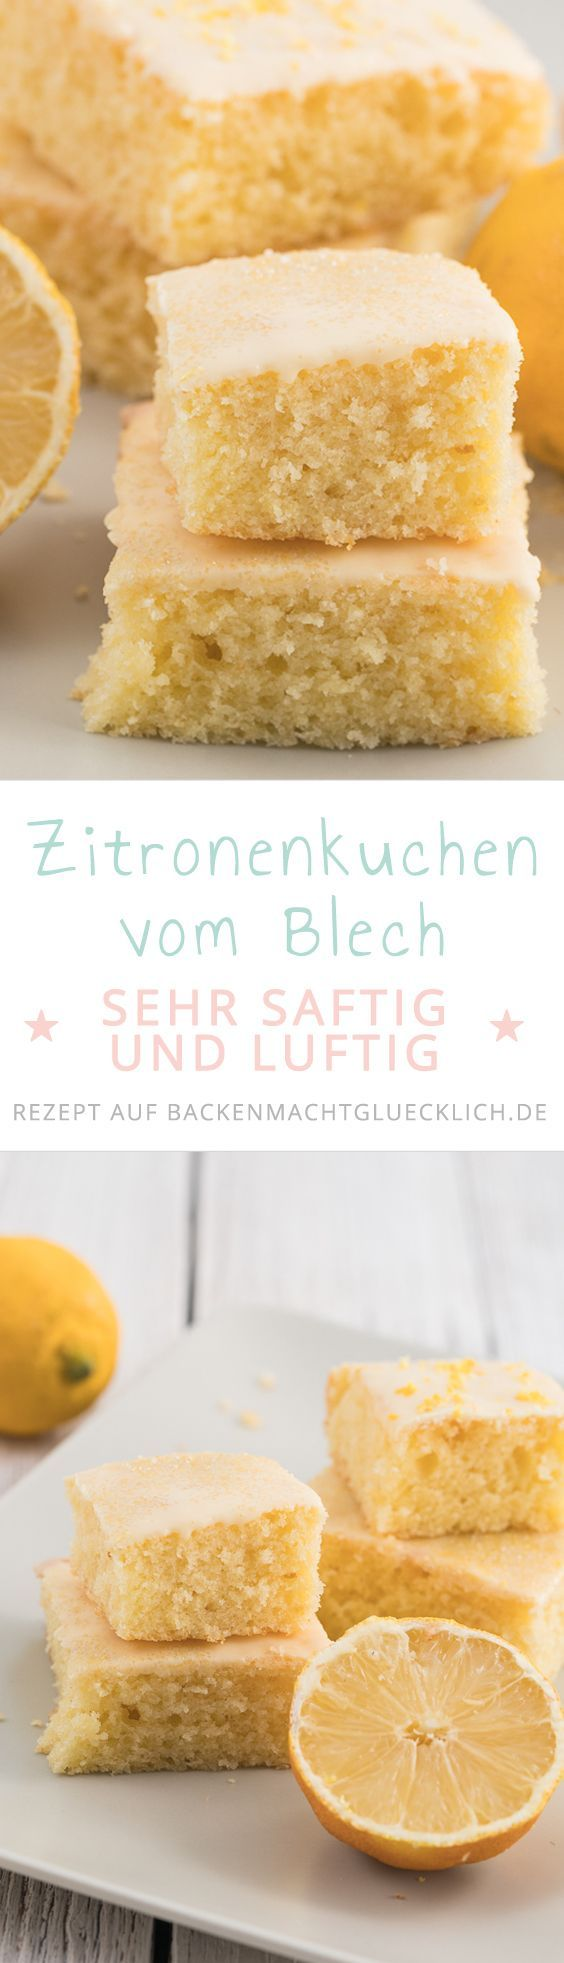 Fruchtig, saftig, fluffig und gelingsicher - was will man mehr? Dieser Zitronenkuchen ist einfach toll!